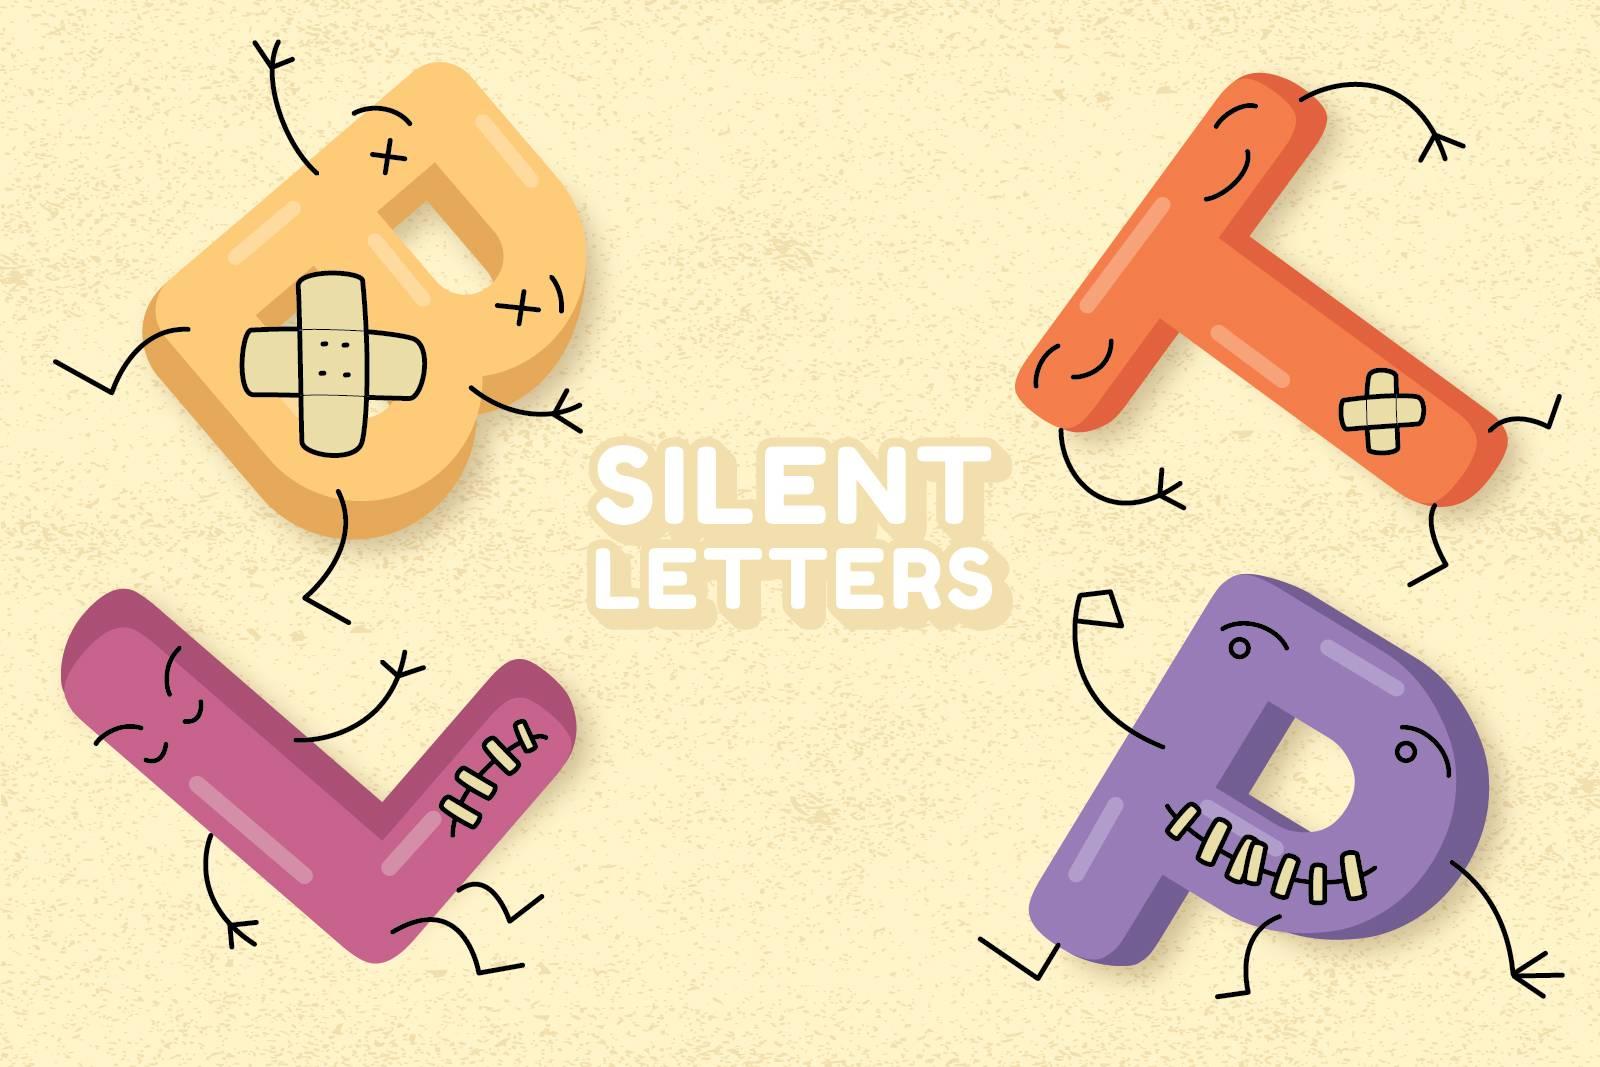 Lettres muettes en anglais : B, L, T, P